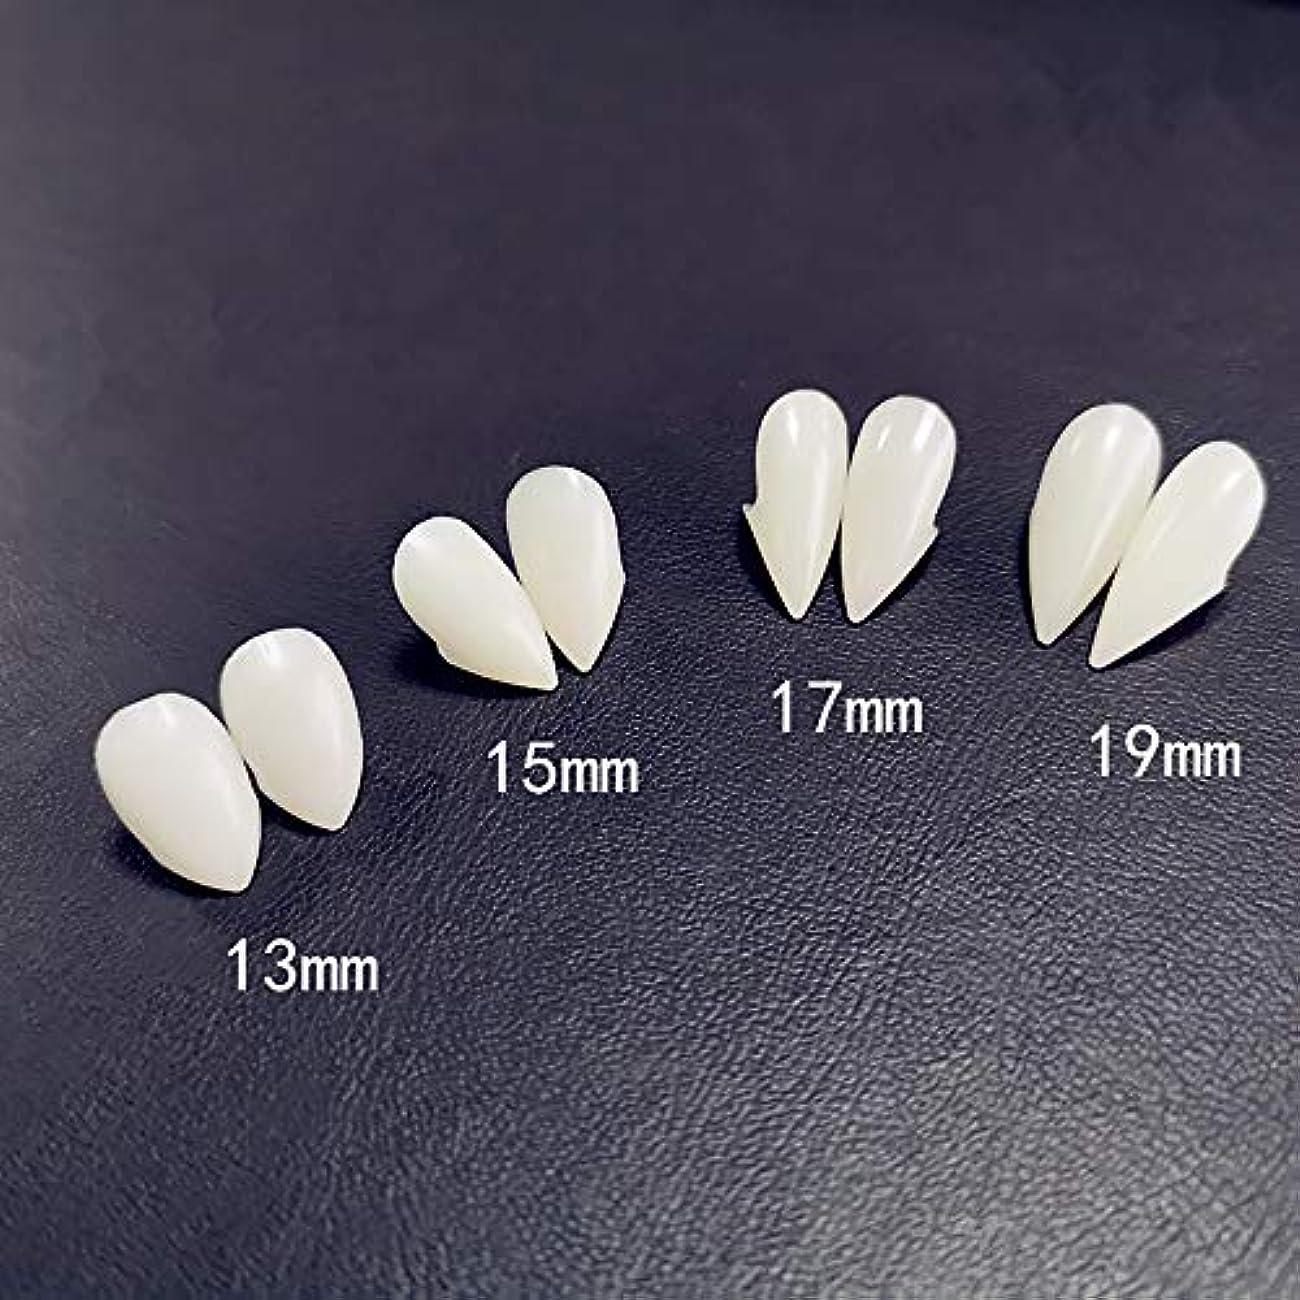 情緒的死にかけている増強4サイズ義歯歯牙牙義歯小道具ハロウィンコスチューム小道具パーティーの好意休日diy装飾ホラー大人のための子供-6ペア,19mm